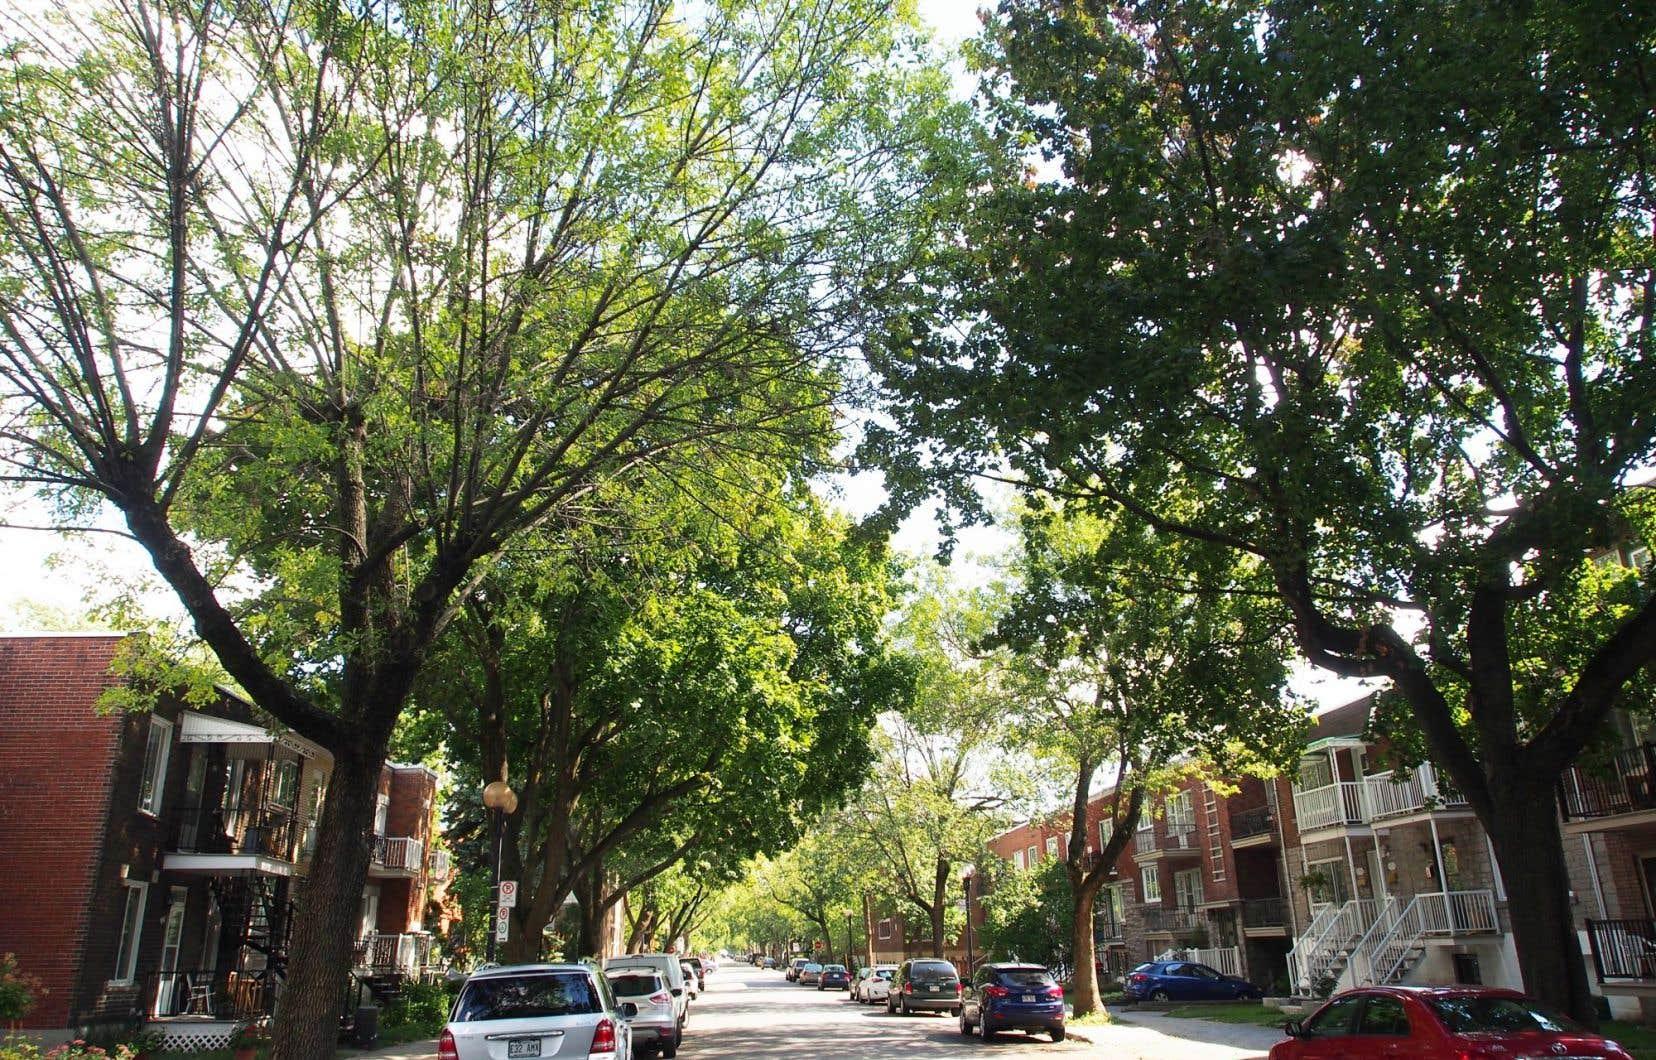 Une taille respectueuse de l'architecture de l'arbre permettrait de conserver celui-ci en santé, il vivrait plus vieux et les coûts d'intervention seraient diminués.